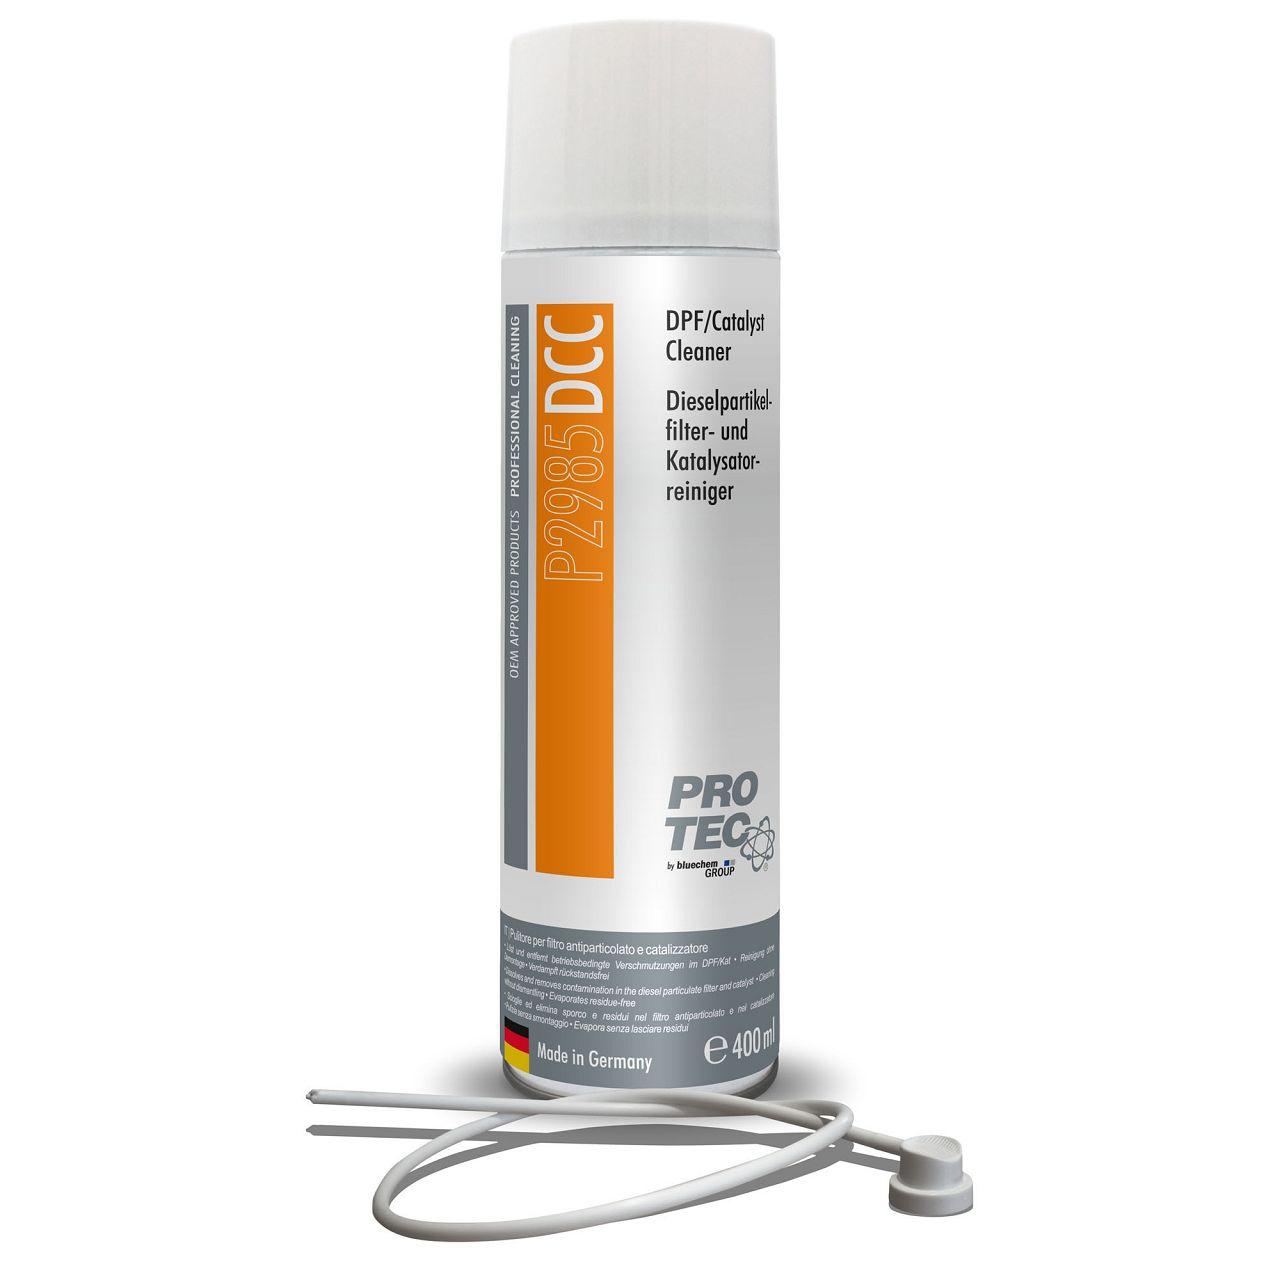 PROTEC DPF/Catalyst Cleaner Dieselpartikelfilter-/ Katalysatorreiniger 400ml